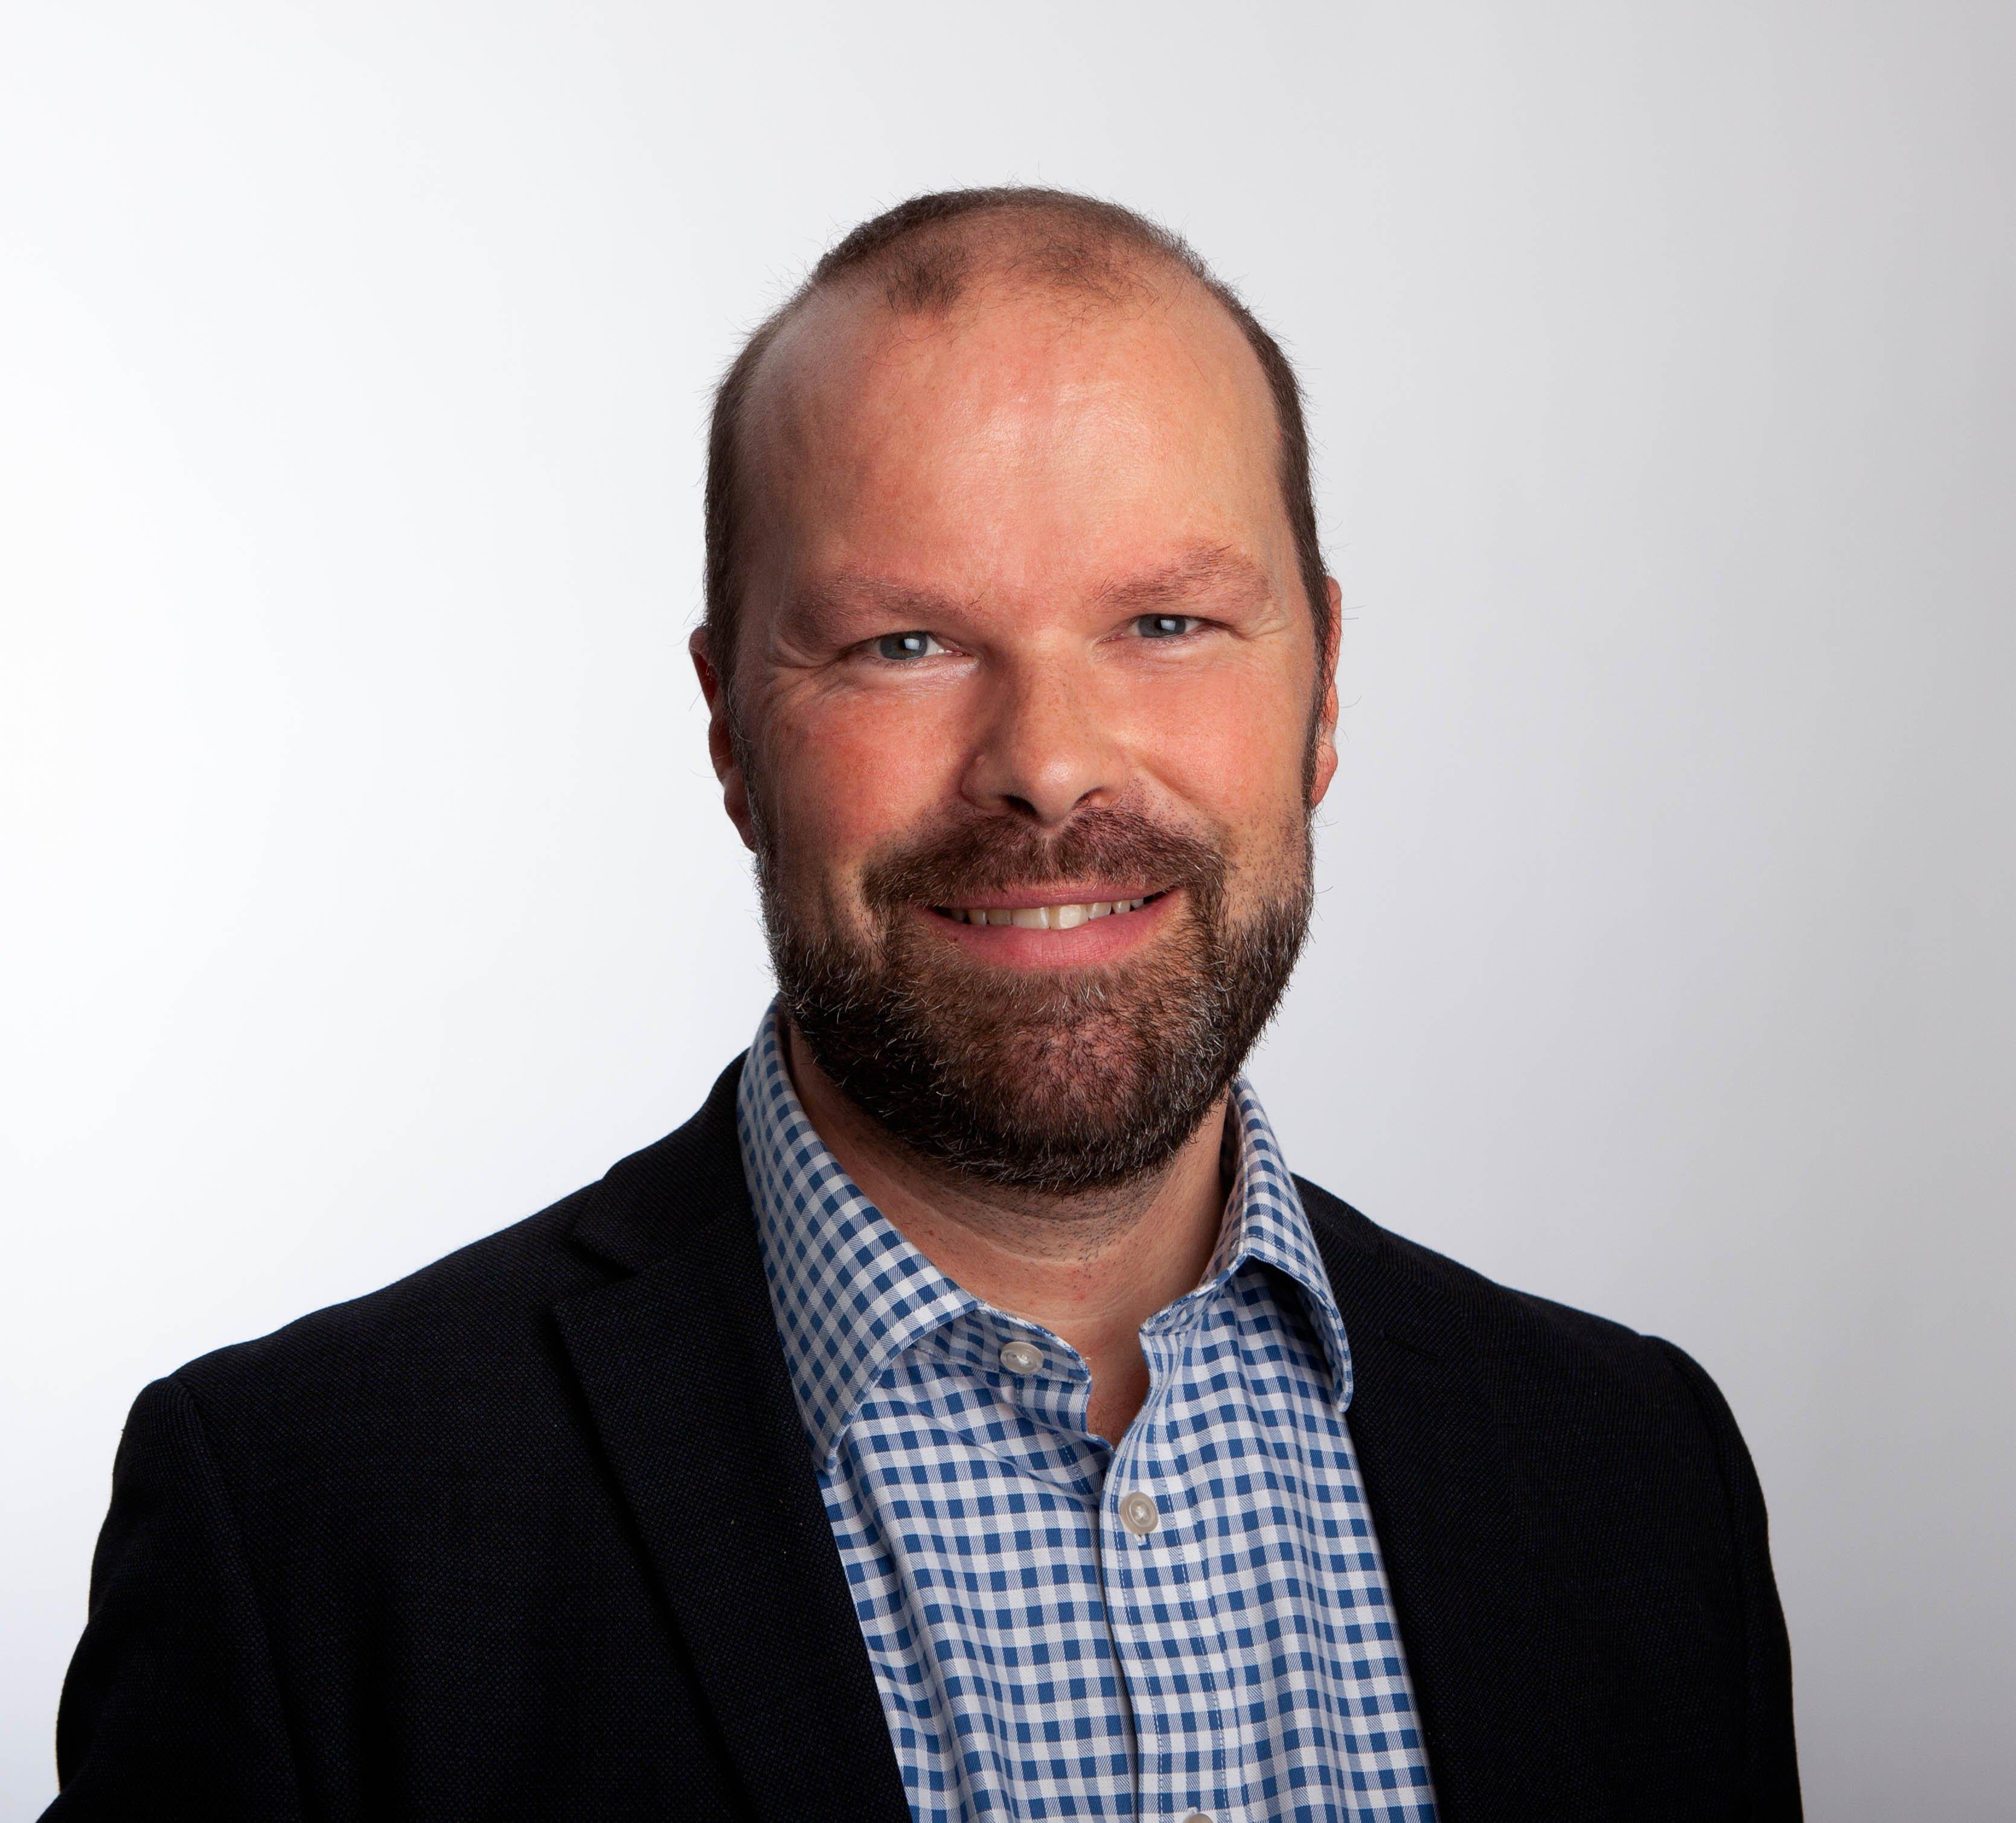 Tim Morley